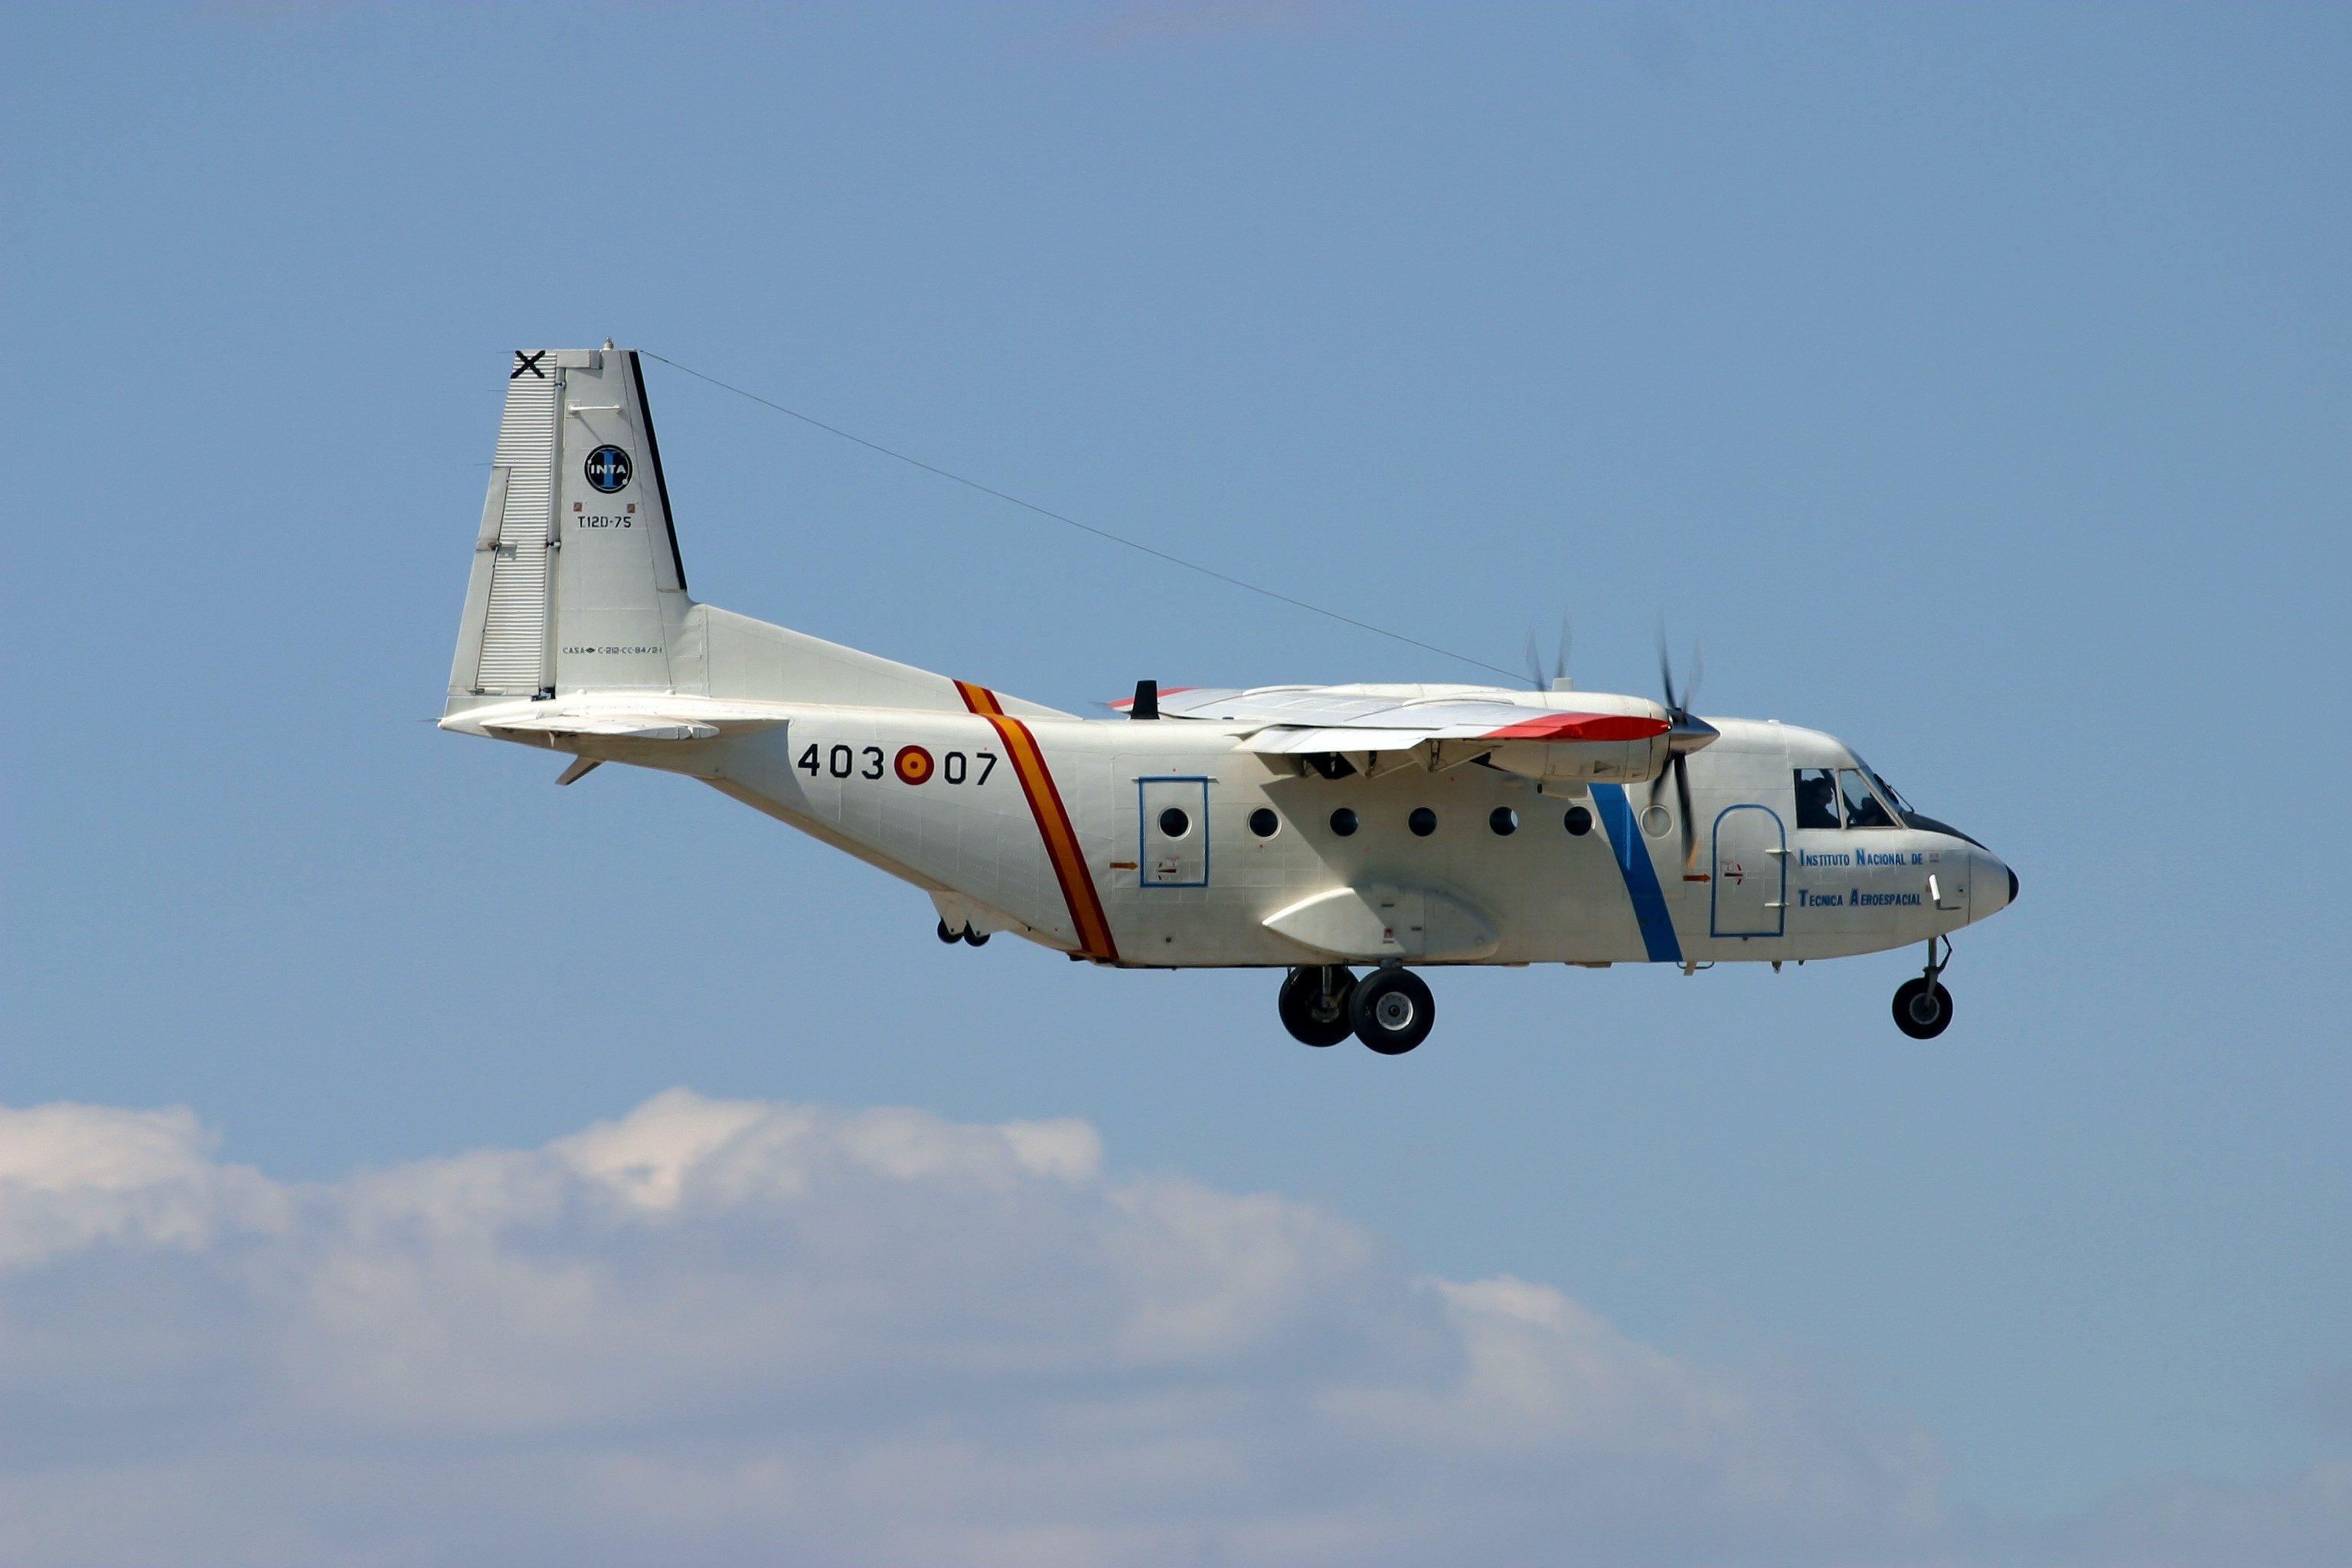 INTA's CASA 212 aircraft